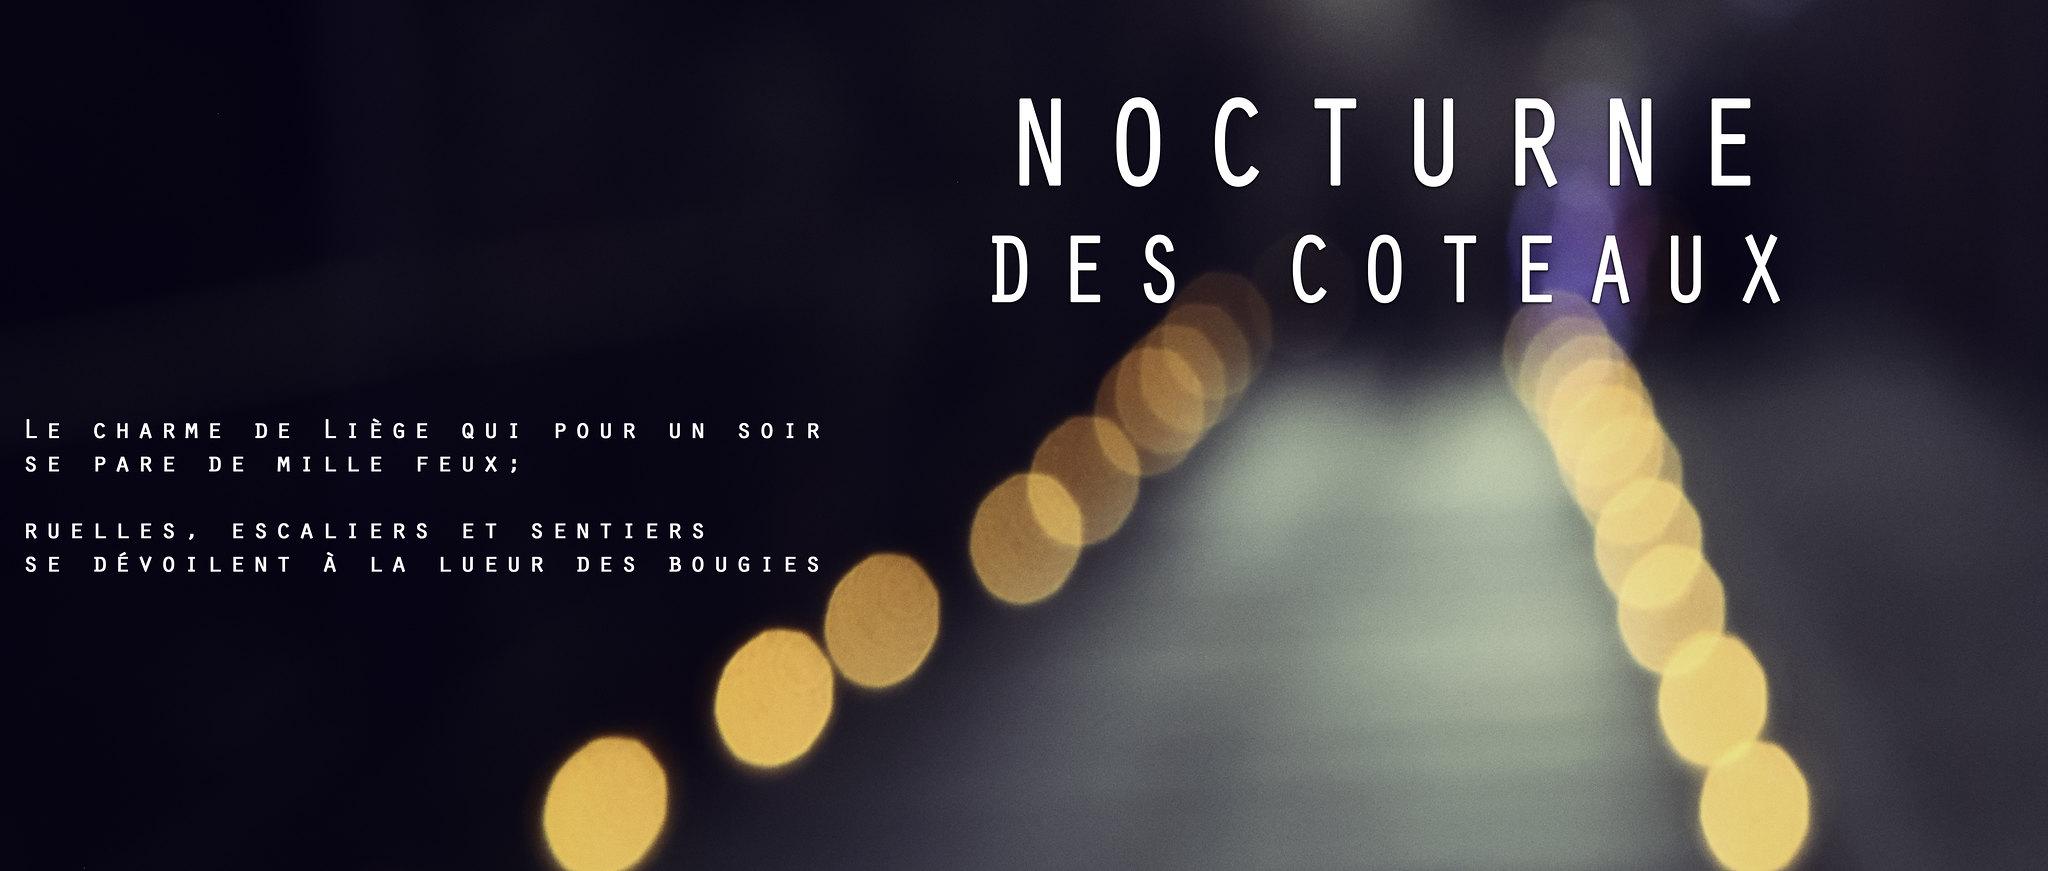 Nocturne des coteaux - affiche [Cliquez pour lancer le diaporama]